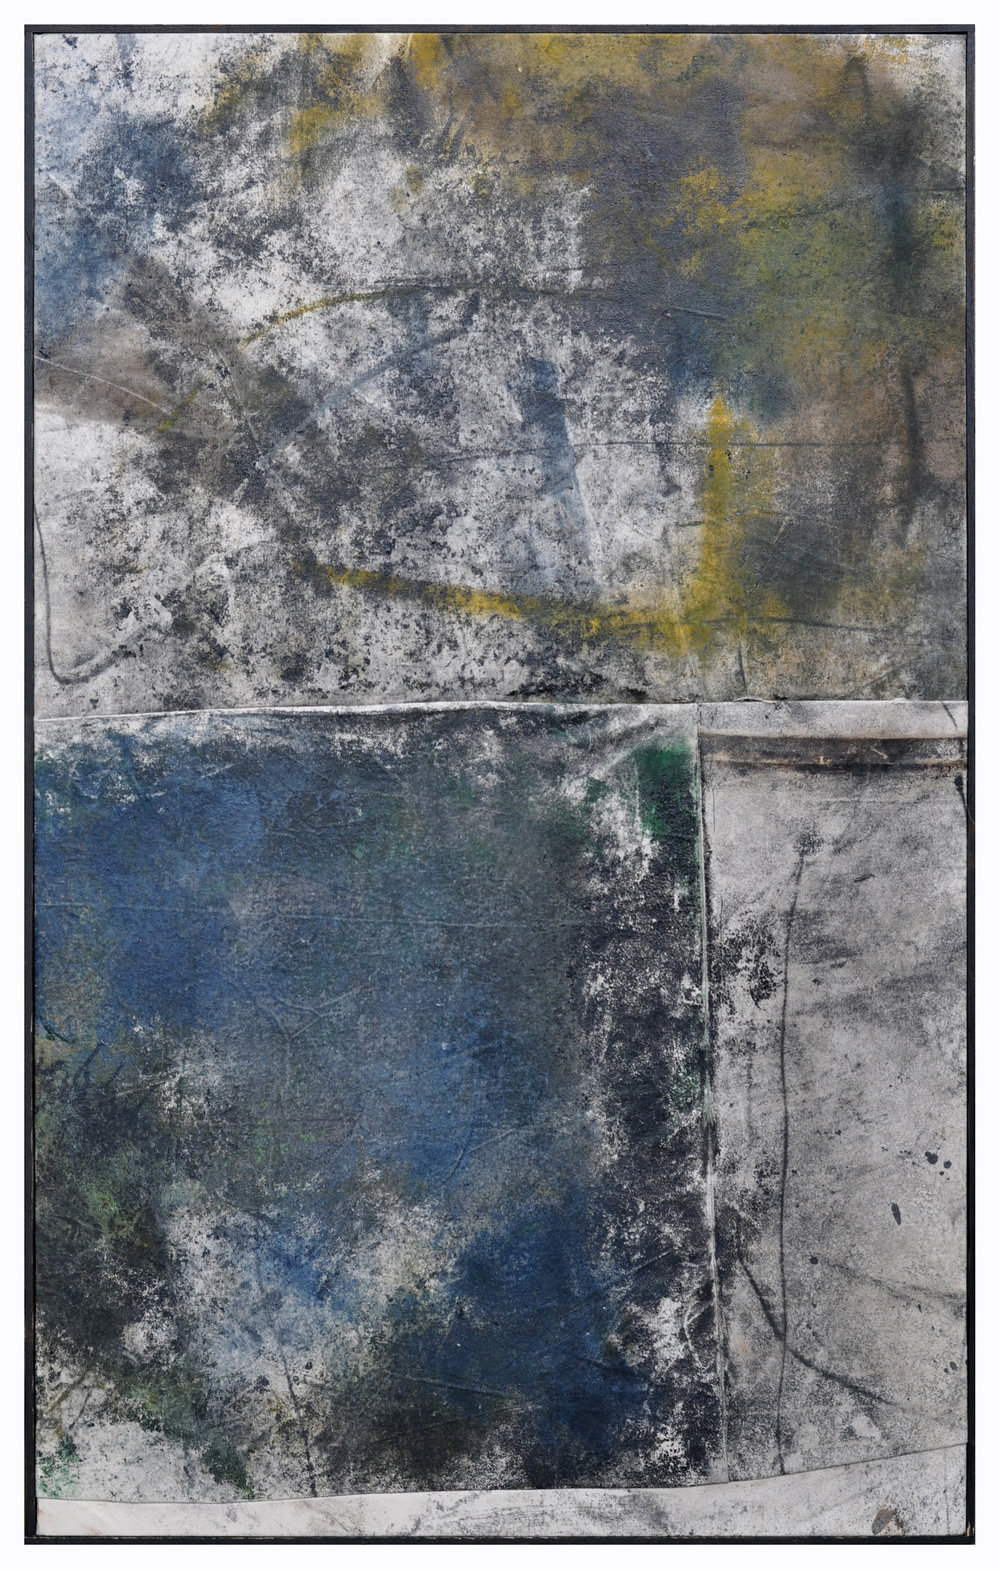 Ryan McGennisken, Ok Lets Go 78 x 124 cm, 78 x 124 cm, spray paint, thred, on canvas, oak frame, available